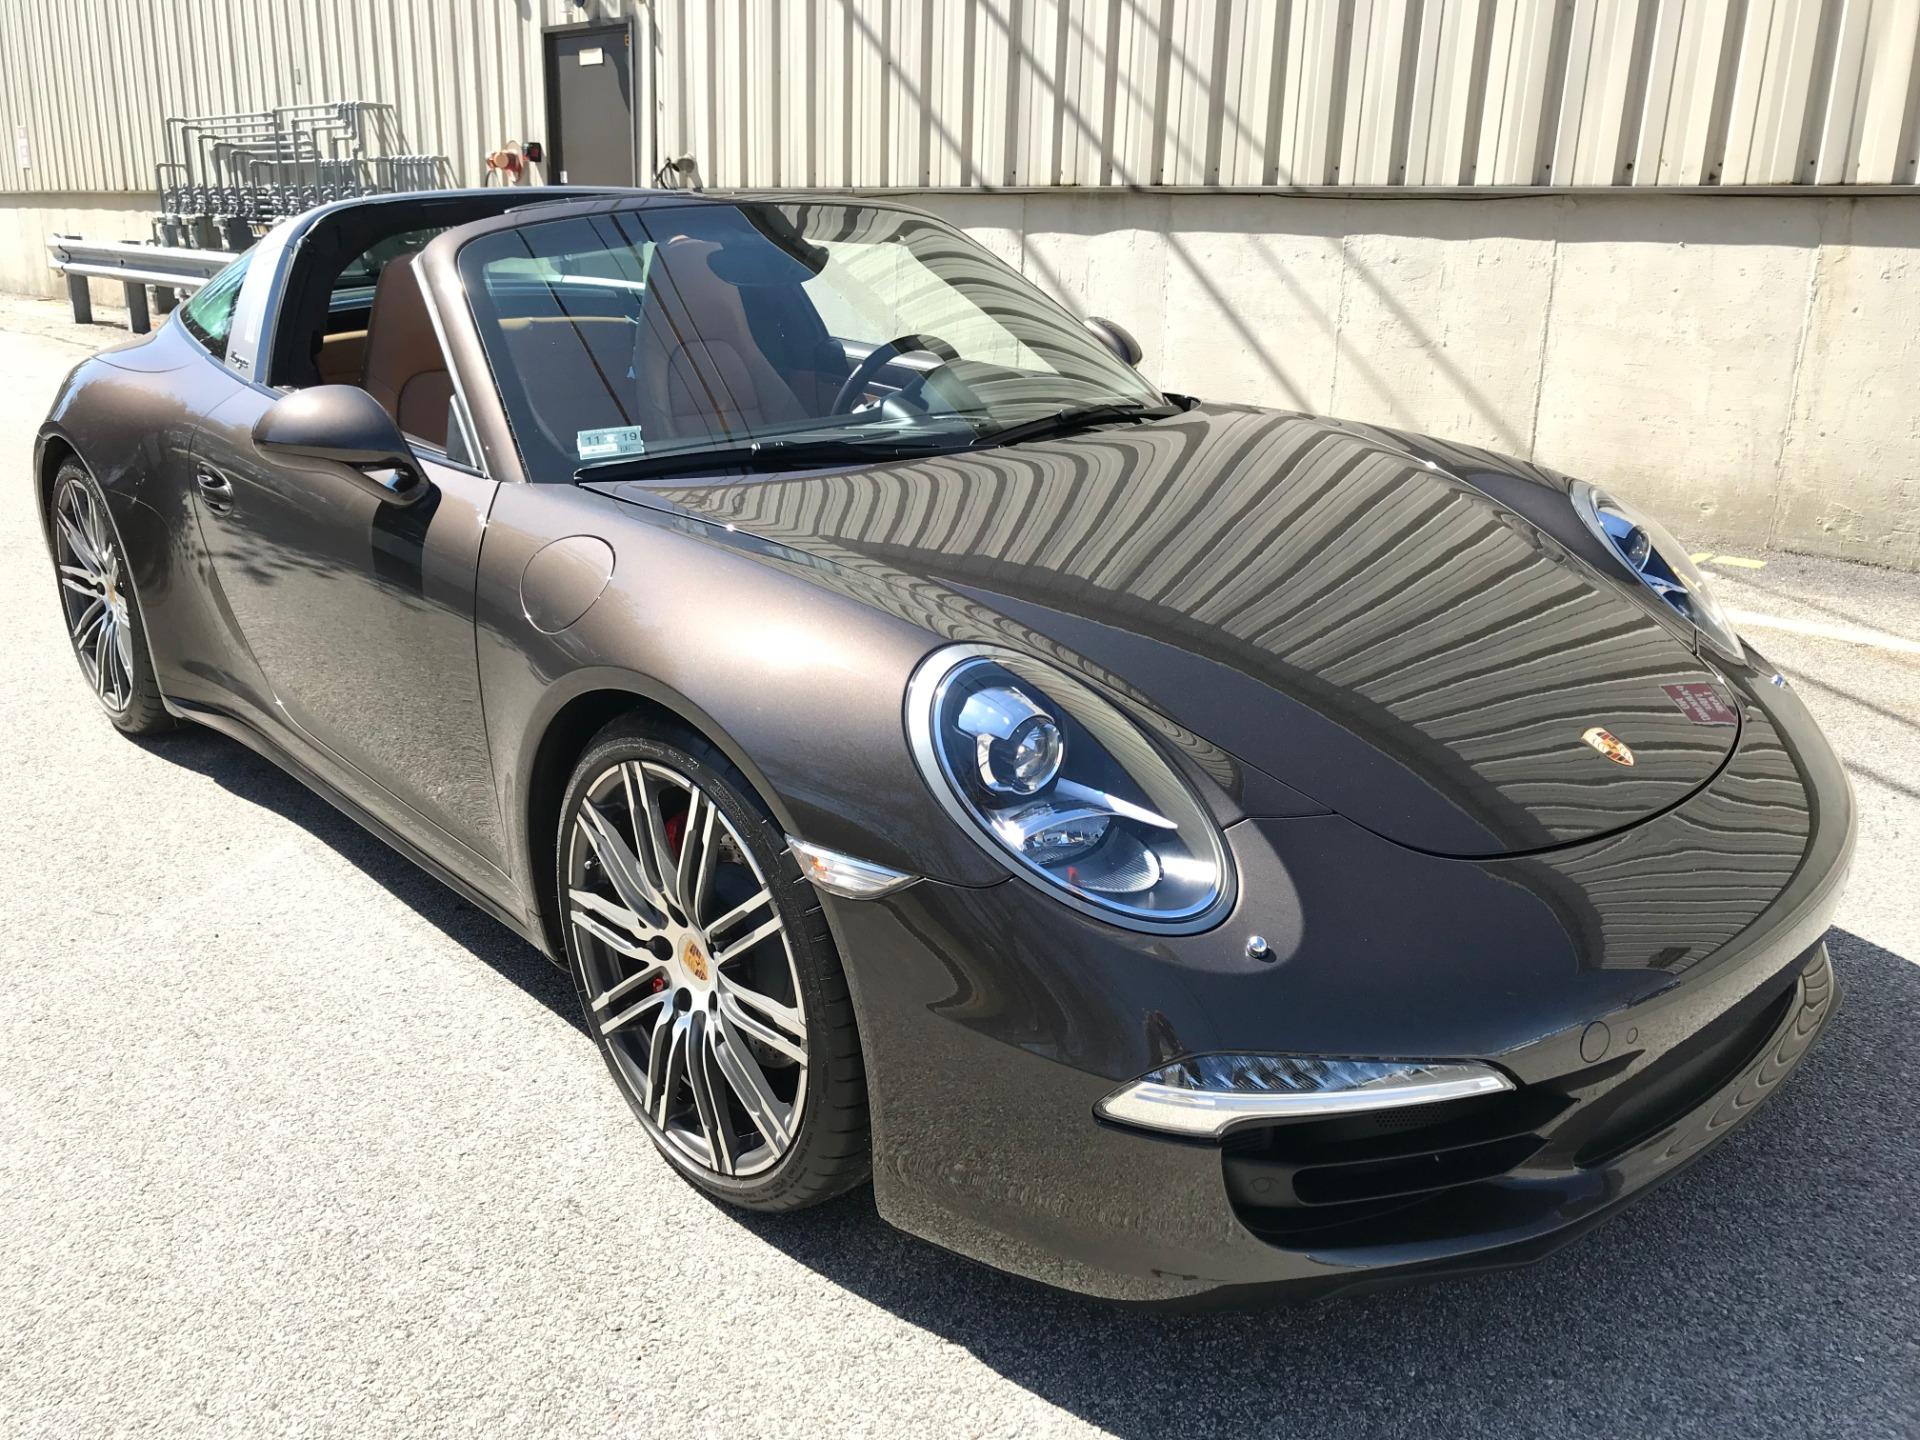 2015 Porsche 911 Targa 4s Targa 4s Stock 1540 For Sale